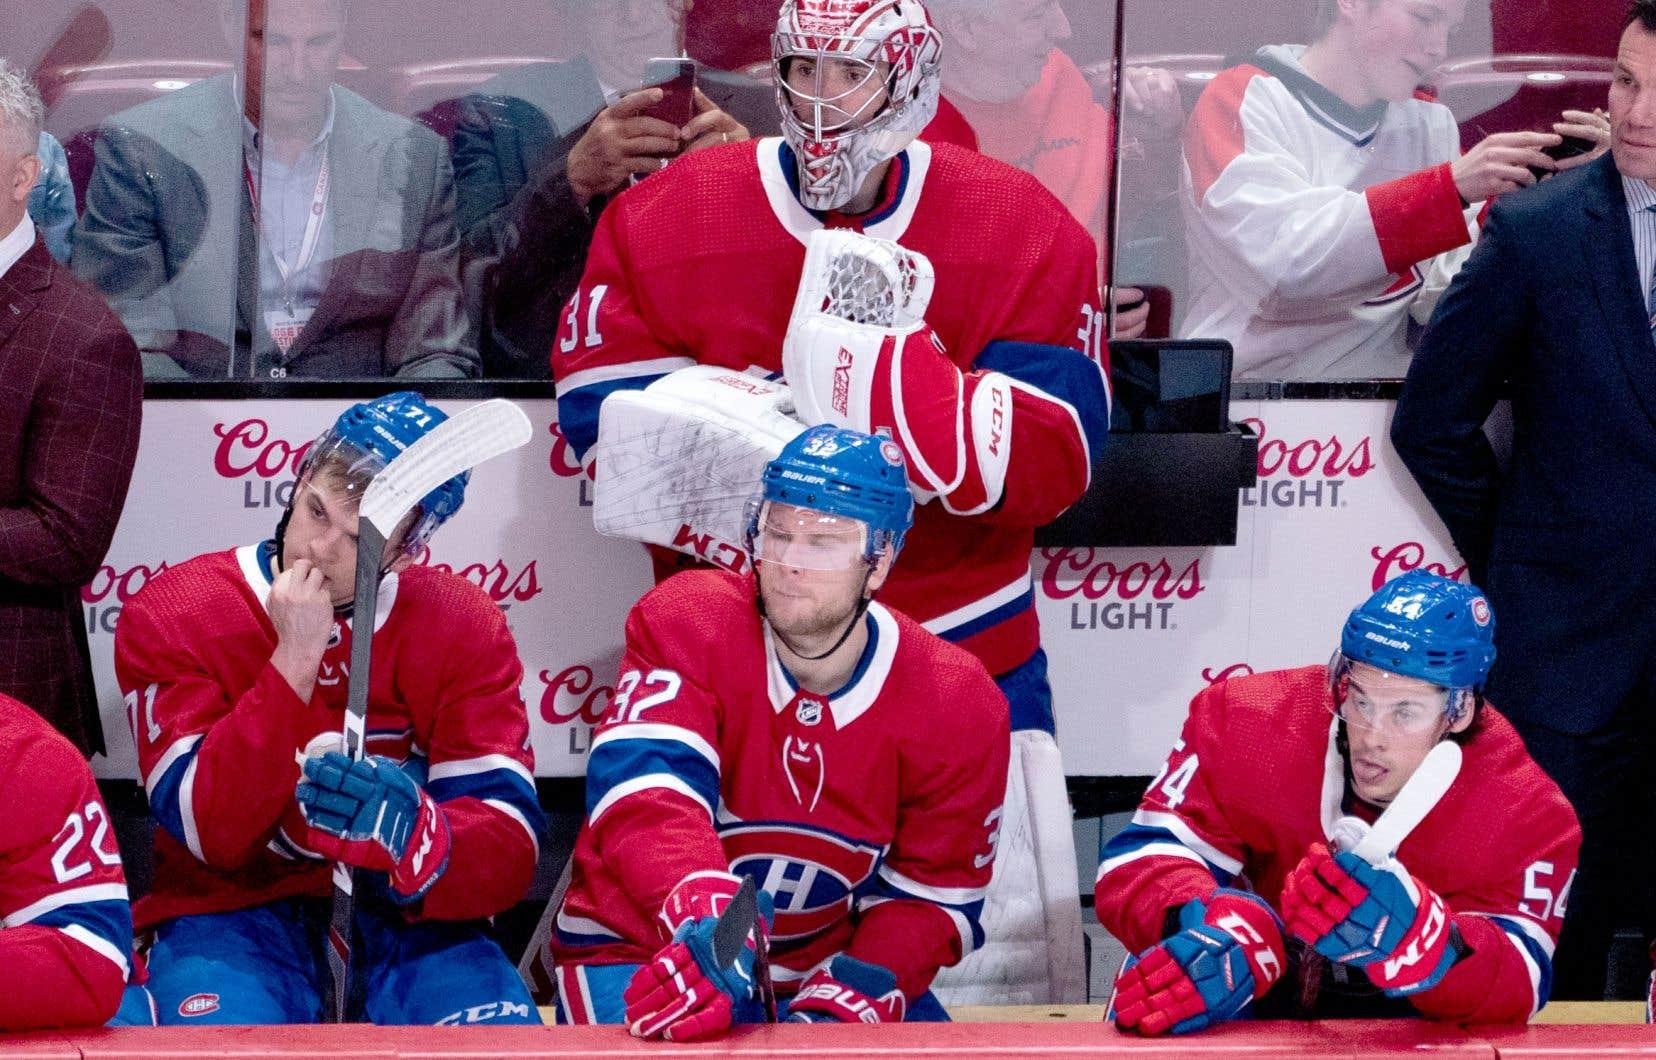 Christian Folin, Carey Price et leurs coéquipiers du Canadien de Montréal reçoivent les Hurricanes de la Caroline samedi soir.